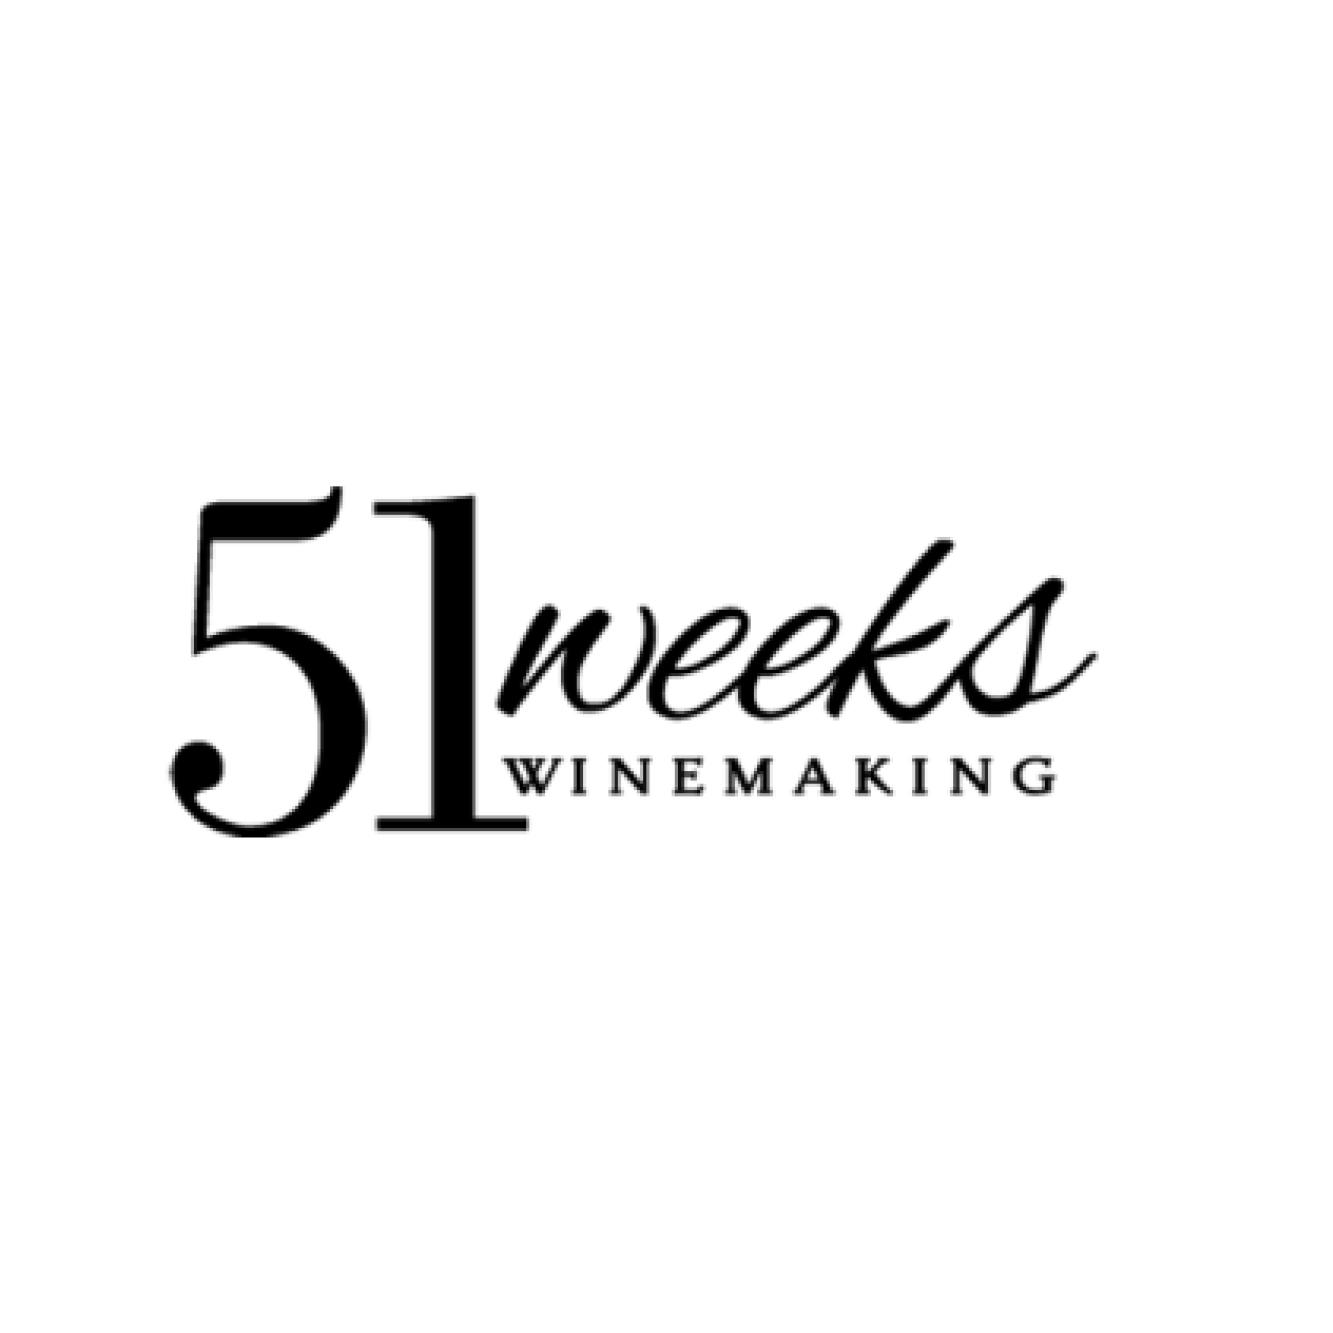 51 Weeks Winemaking.jpg